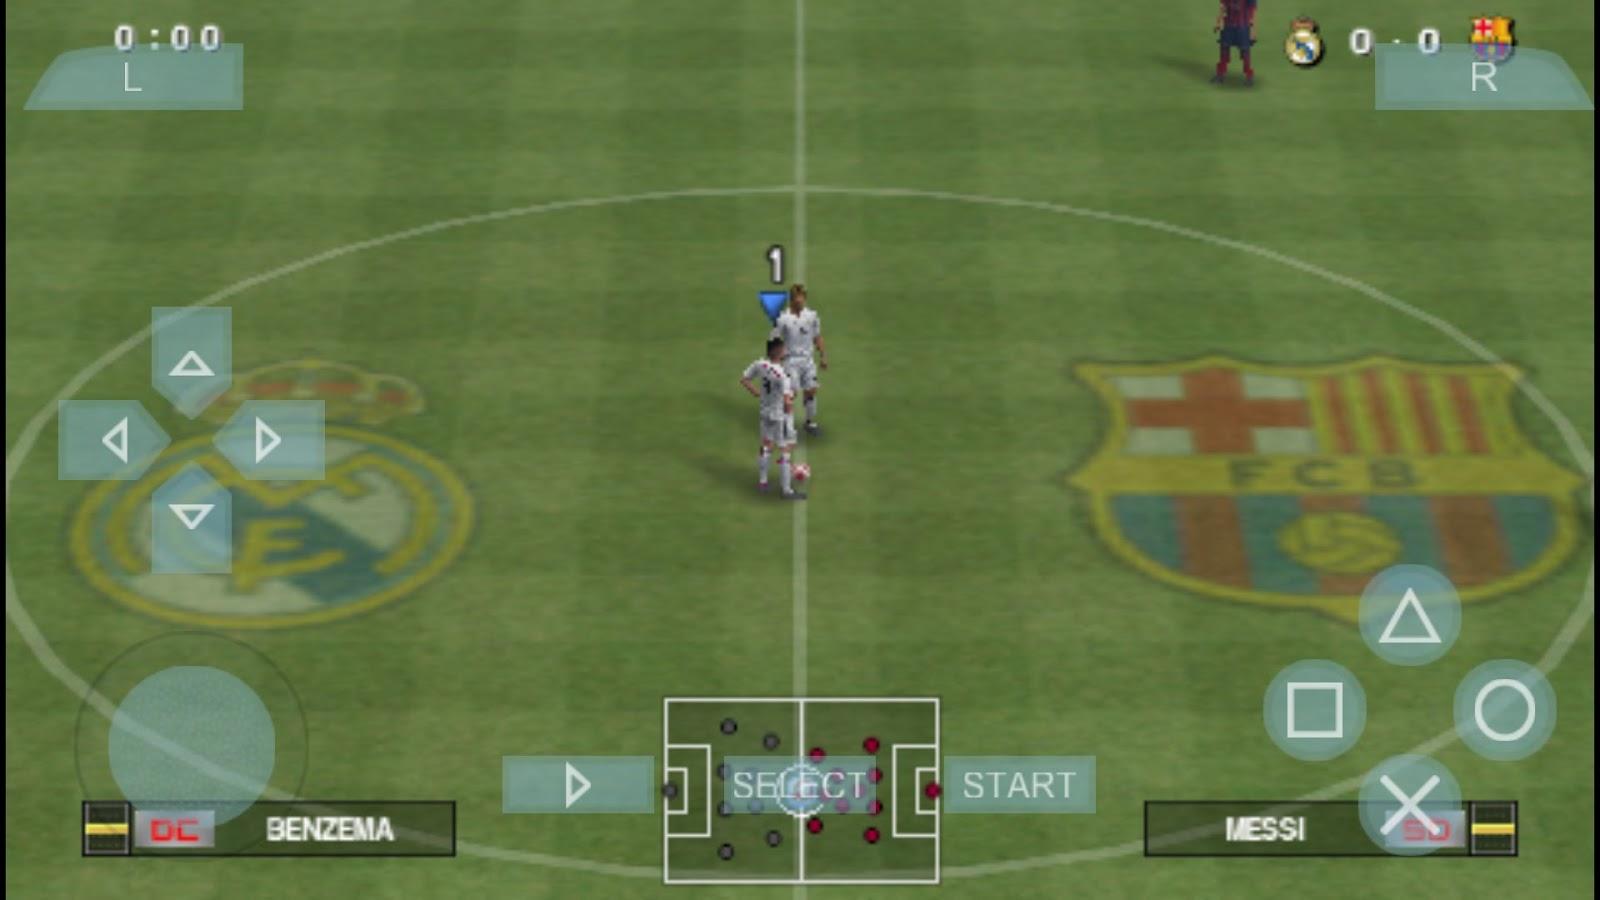 Juegos Gratis Para Jugar Futbol Www Miifotos Com